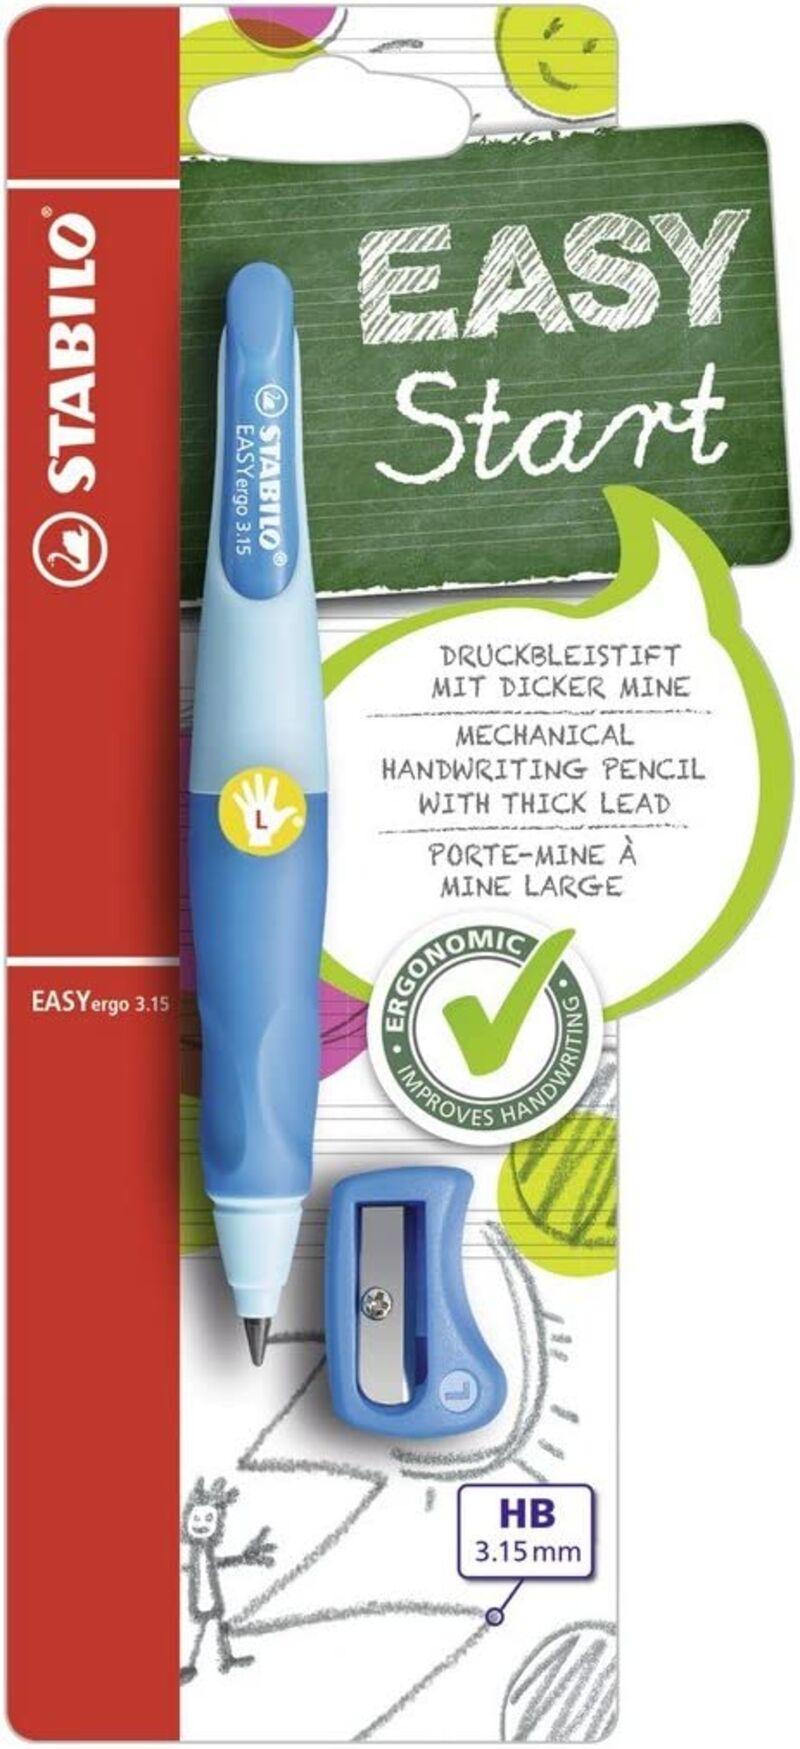 Portaminas Easyergo 3, 15 Zurdos Azul + Sacapuntas R: B468673 -